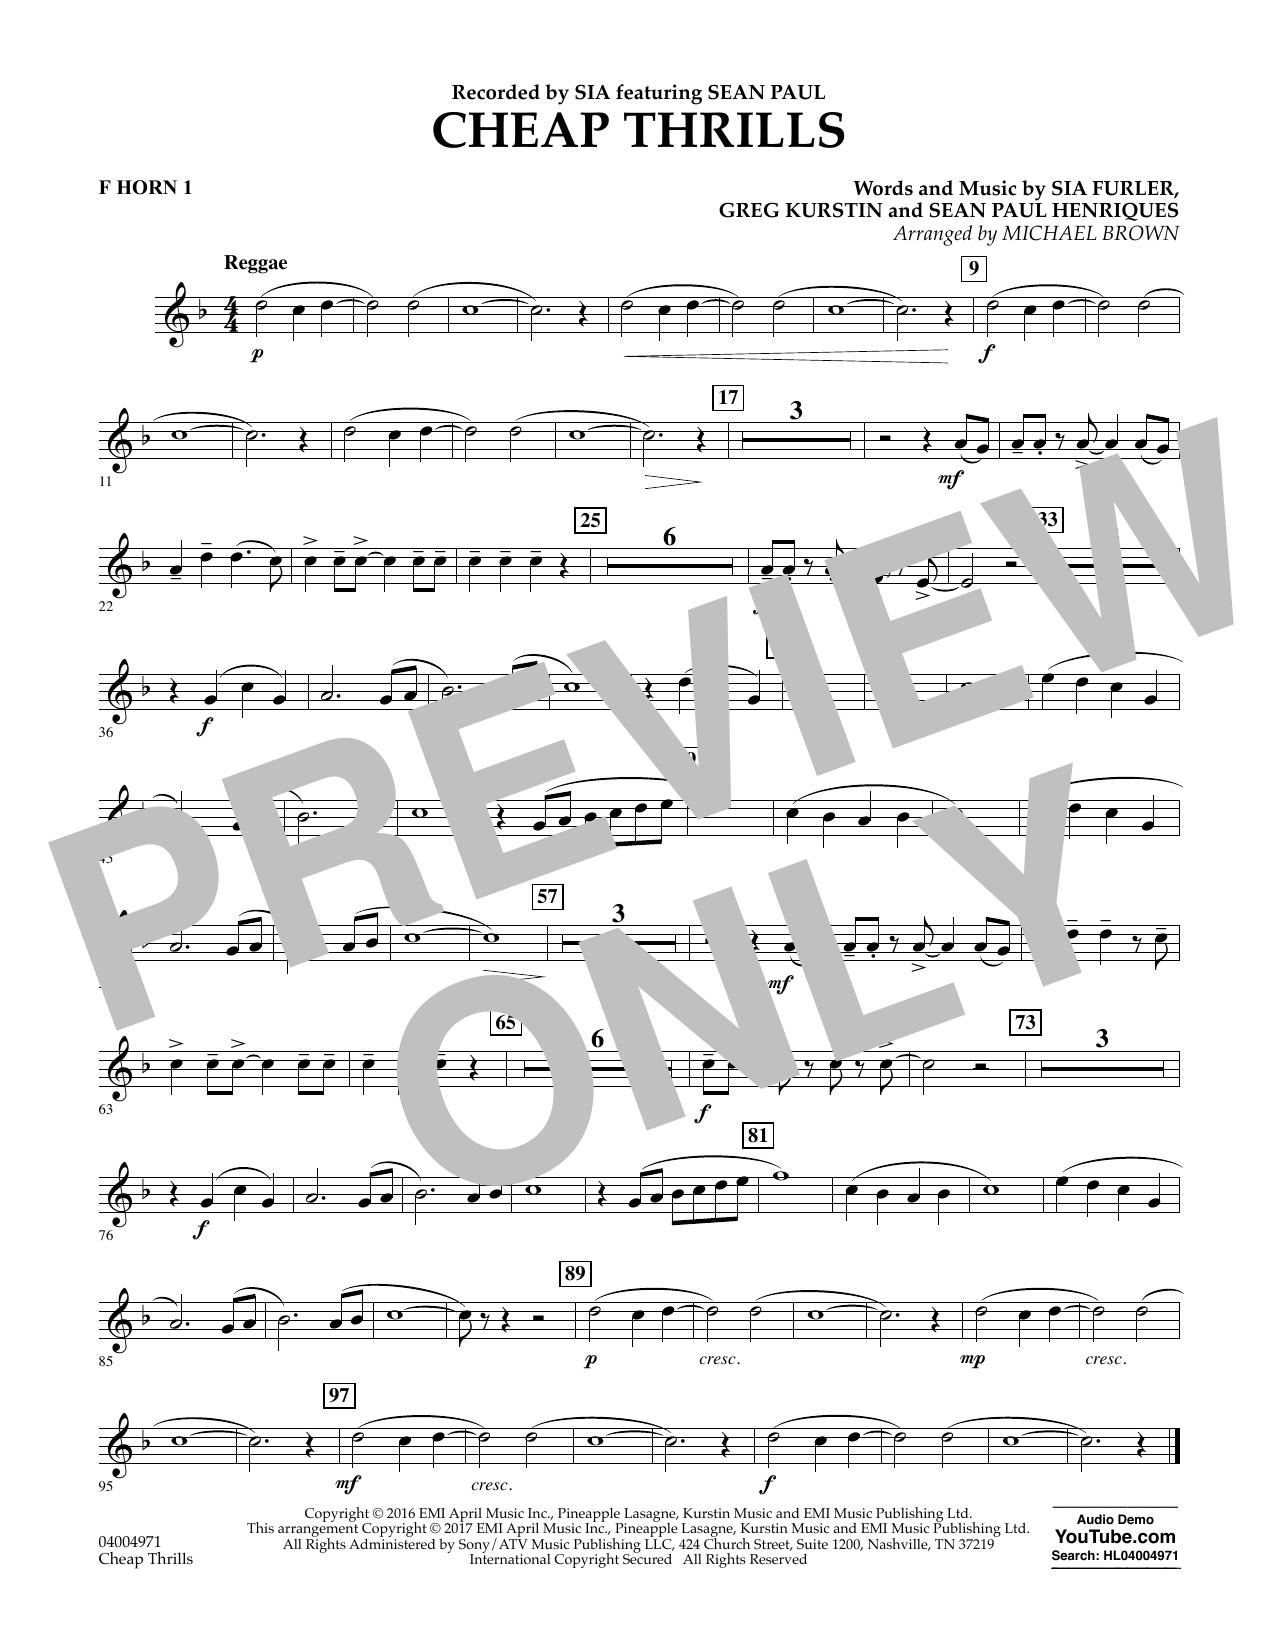 Cheap Thrills - F Horn 1 Sheet Music